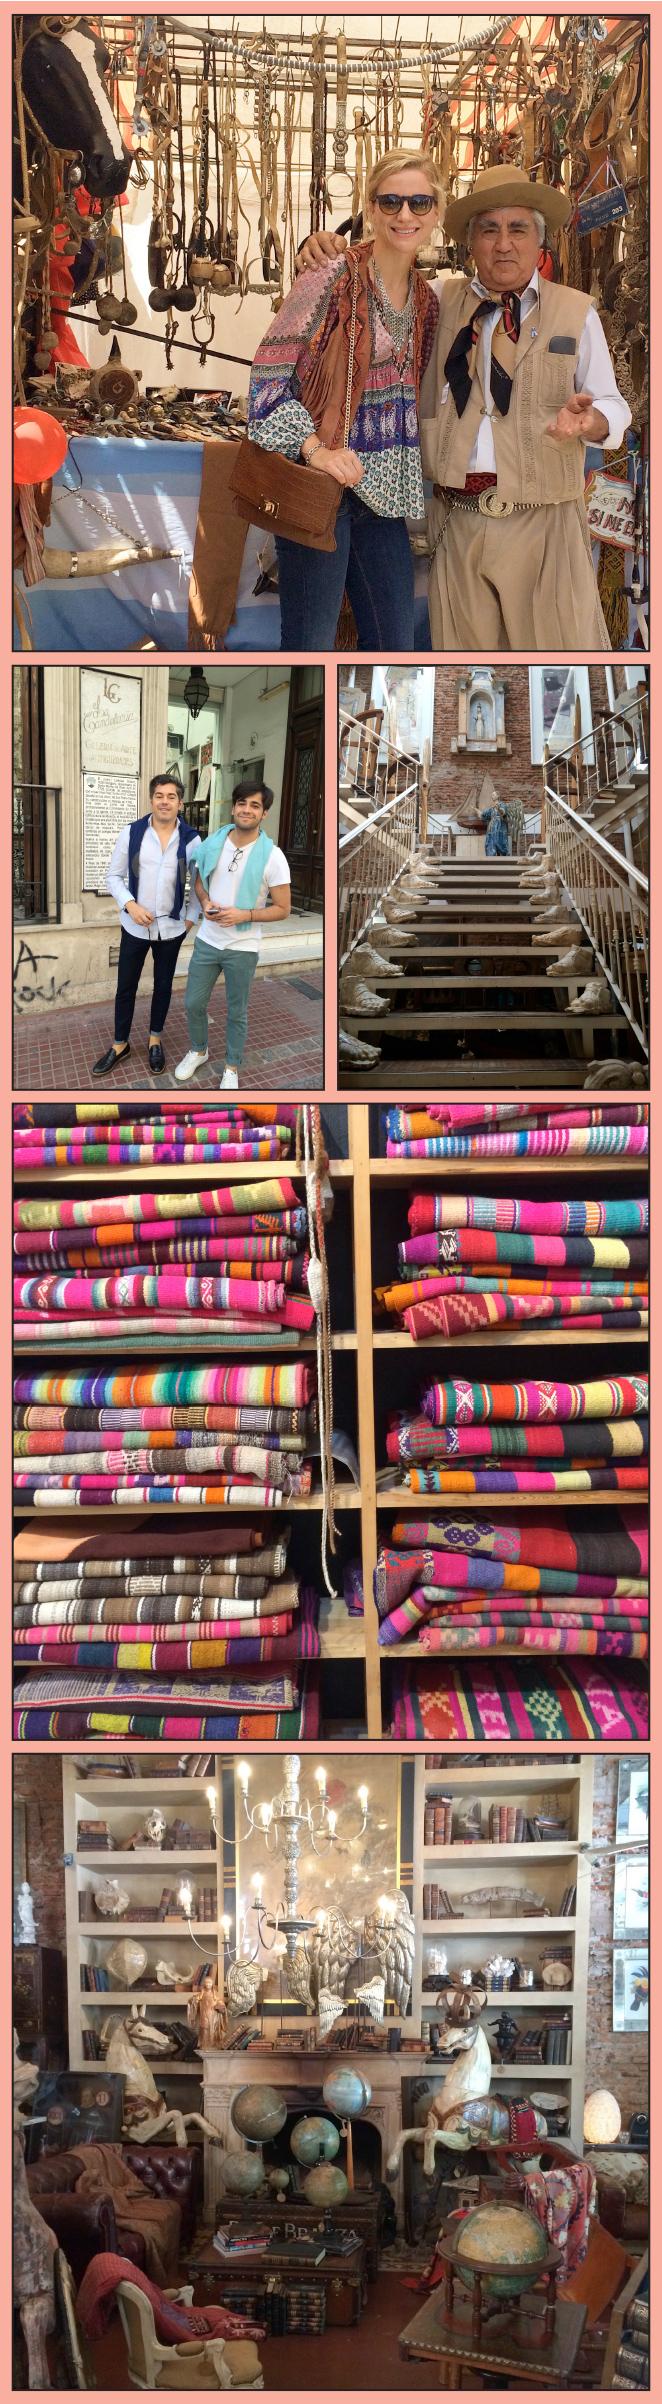 Tienda Gabriel del Campo y Nativo Argentino donde pude ver sus coloridas mantas argentinas que tenían más de 80